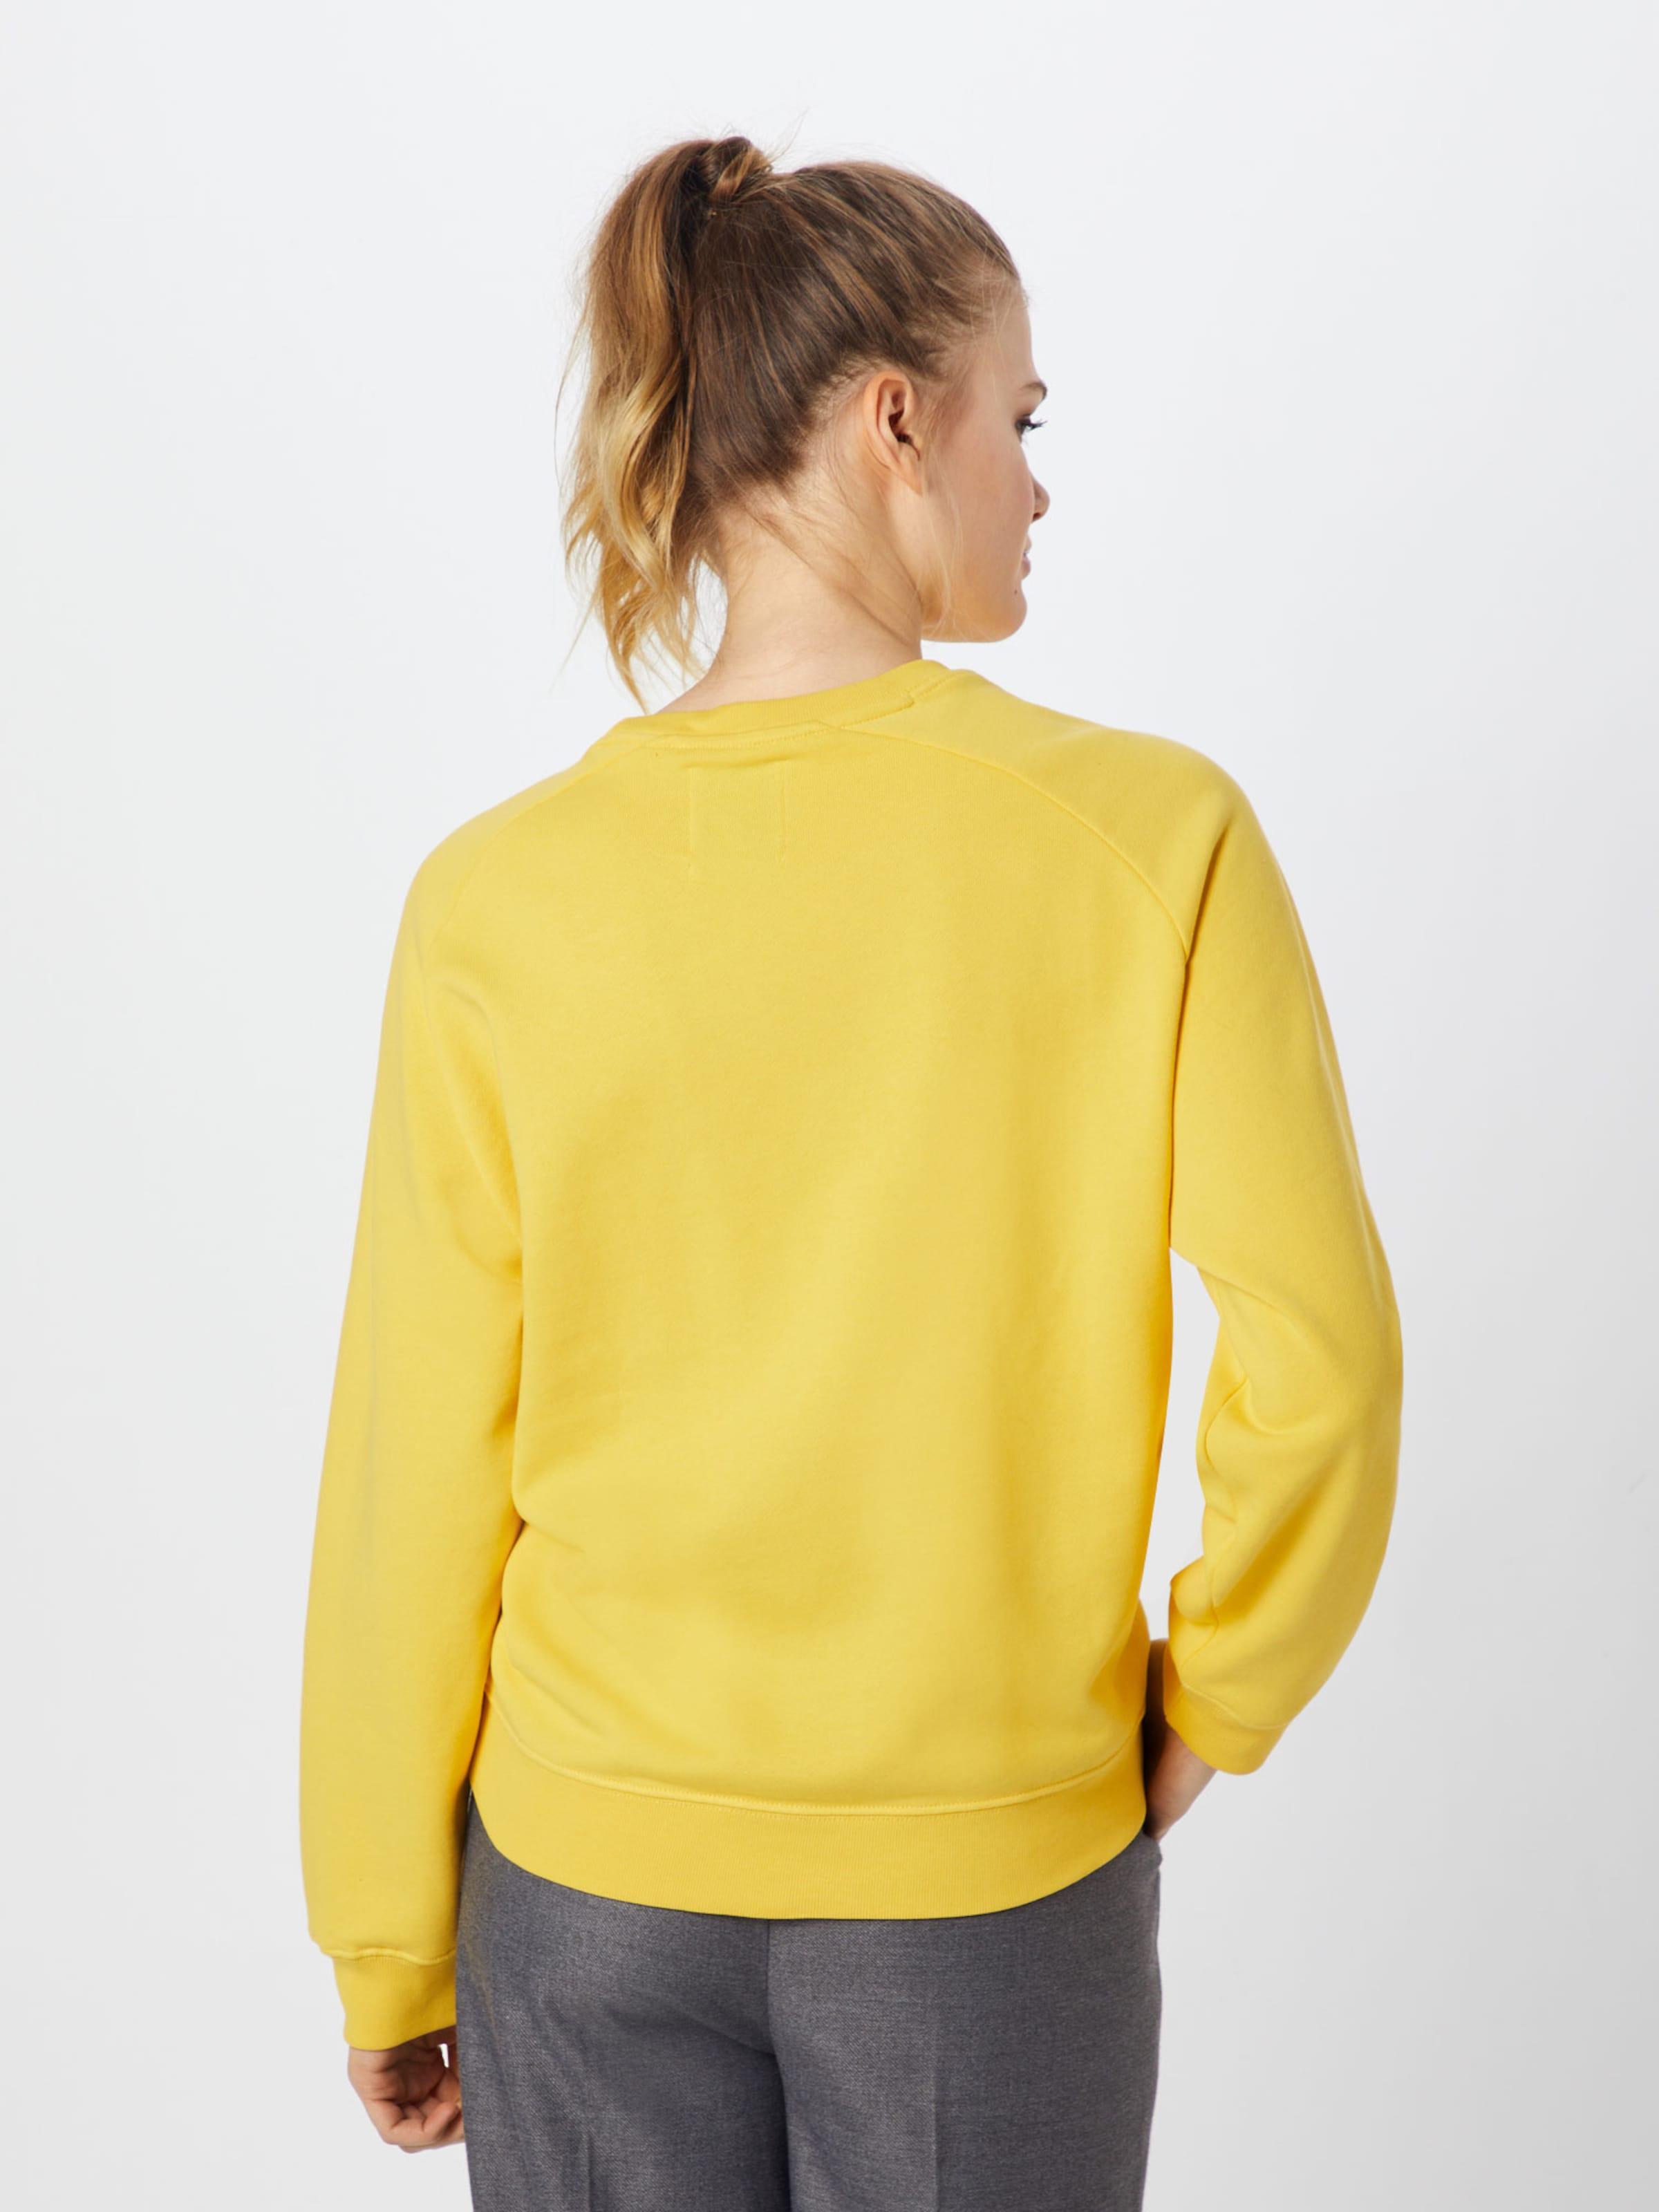 Zoe Karssen Boy' Sweat En 'lucky shirt JauneRouge JlcuK3T1F